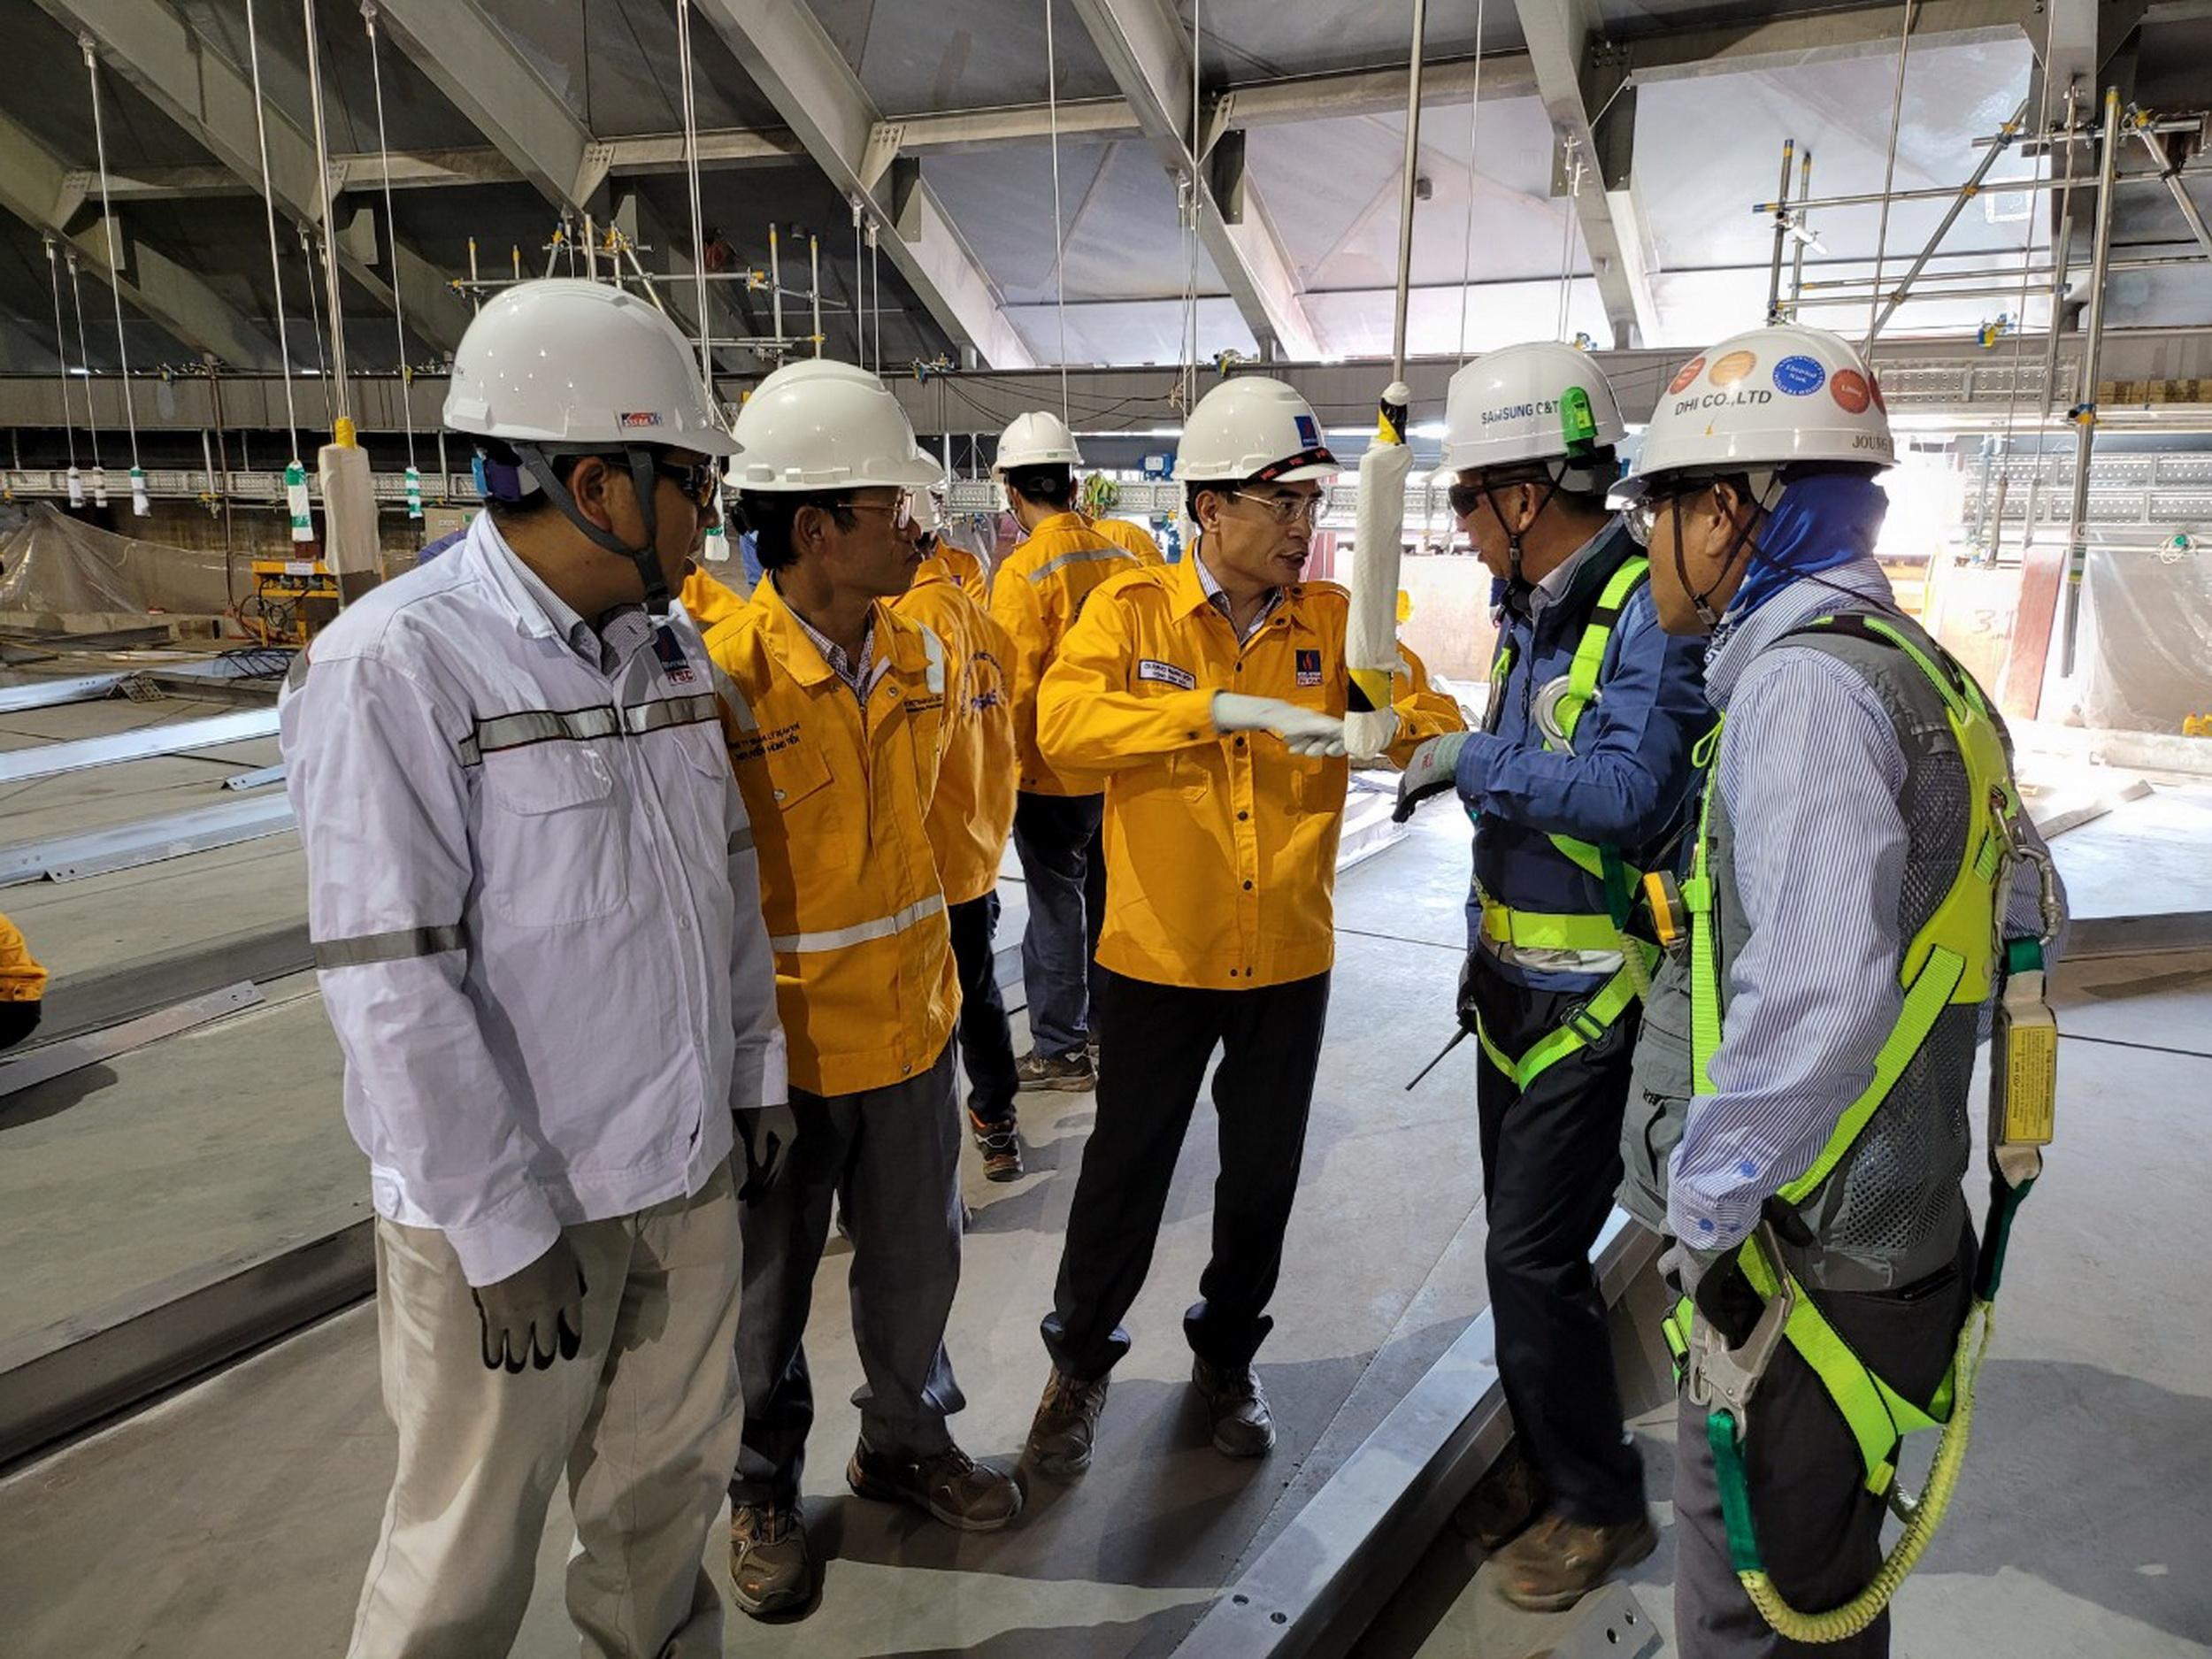 Tổng giám đốc và Ban Lãnh đạo PV GAS luôn theo sát công trình, chỉ đạo giữ vững tiến độ, chất lượng, an toàn của công trìn